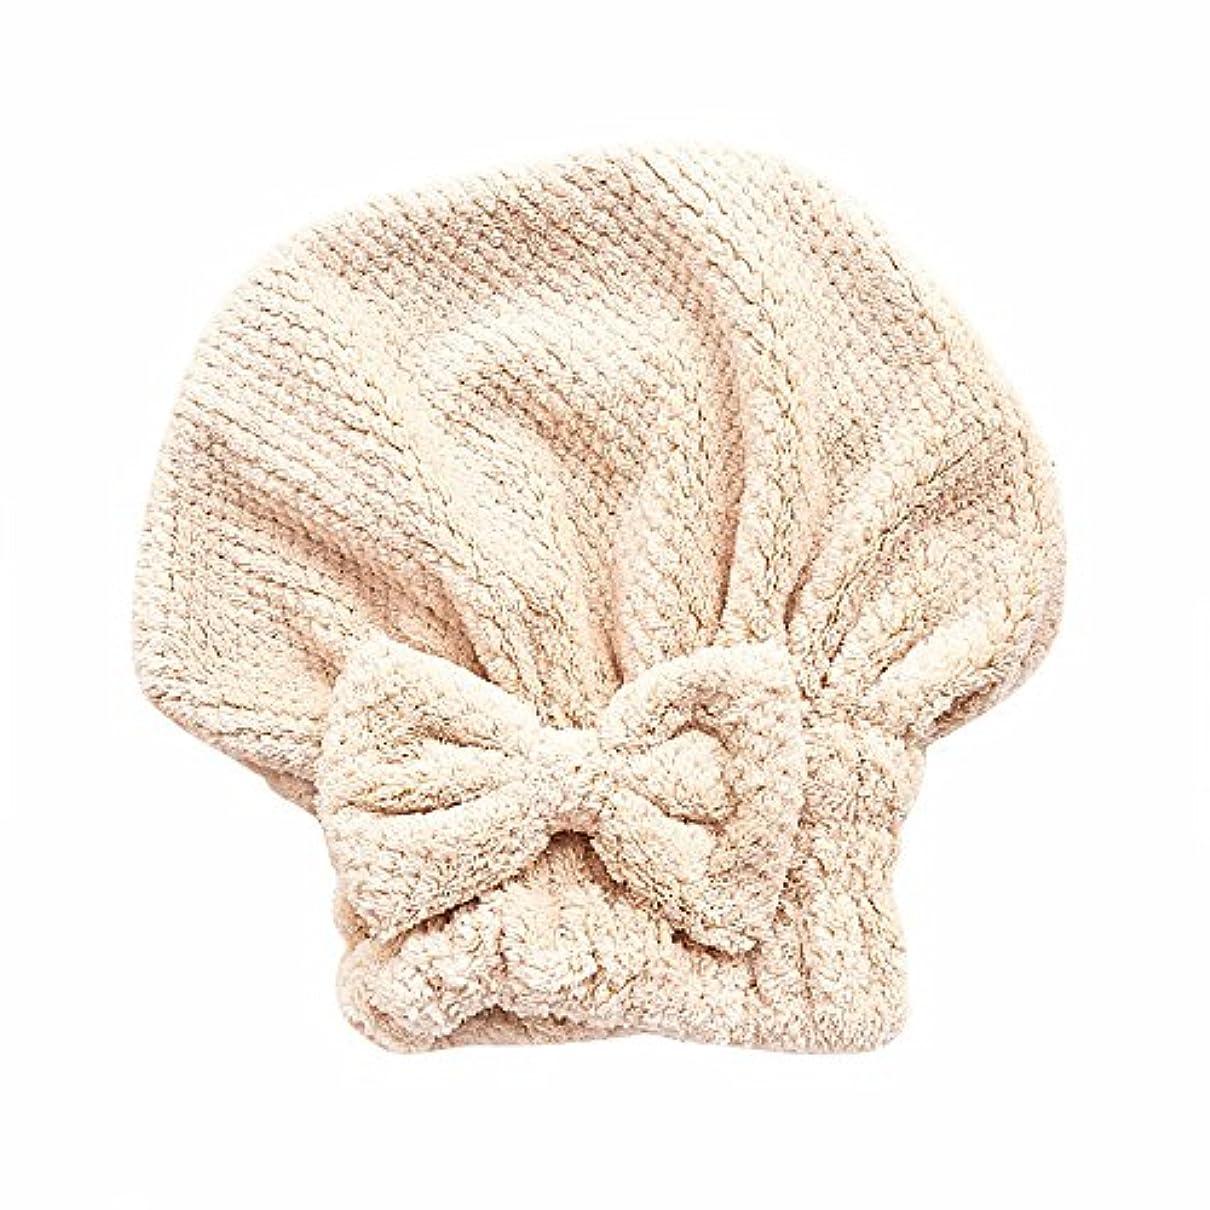 安定同級生序文ボコダダ(Vocodada)タオルキャップ ヘアキャップ 吸水 ヘアドライタオル 速乾 マイクロファイバー ヘア 乾燥 タオル 帽子 キャップ 風呂 ふわふわ 厚い 蝶結び 可愛い お姫様 26*27cm (カーキ)